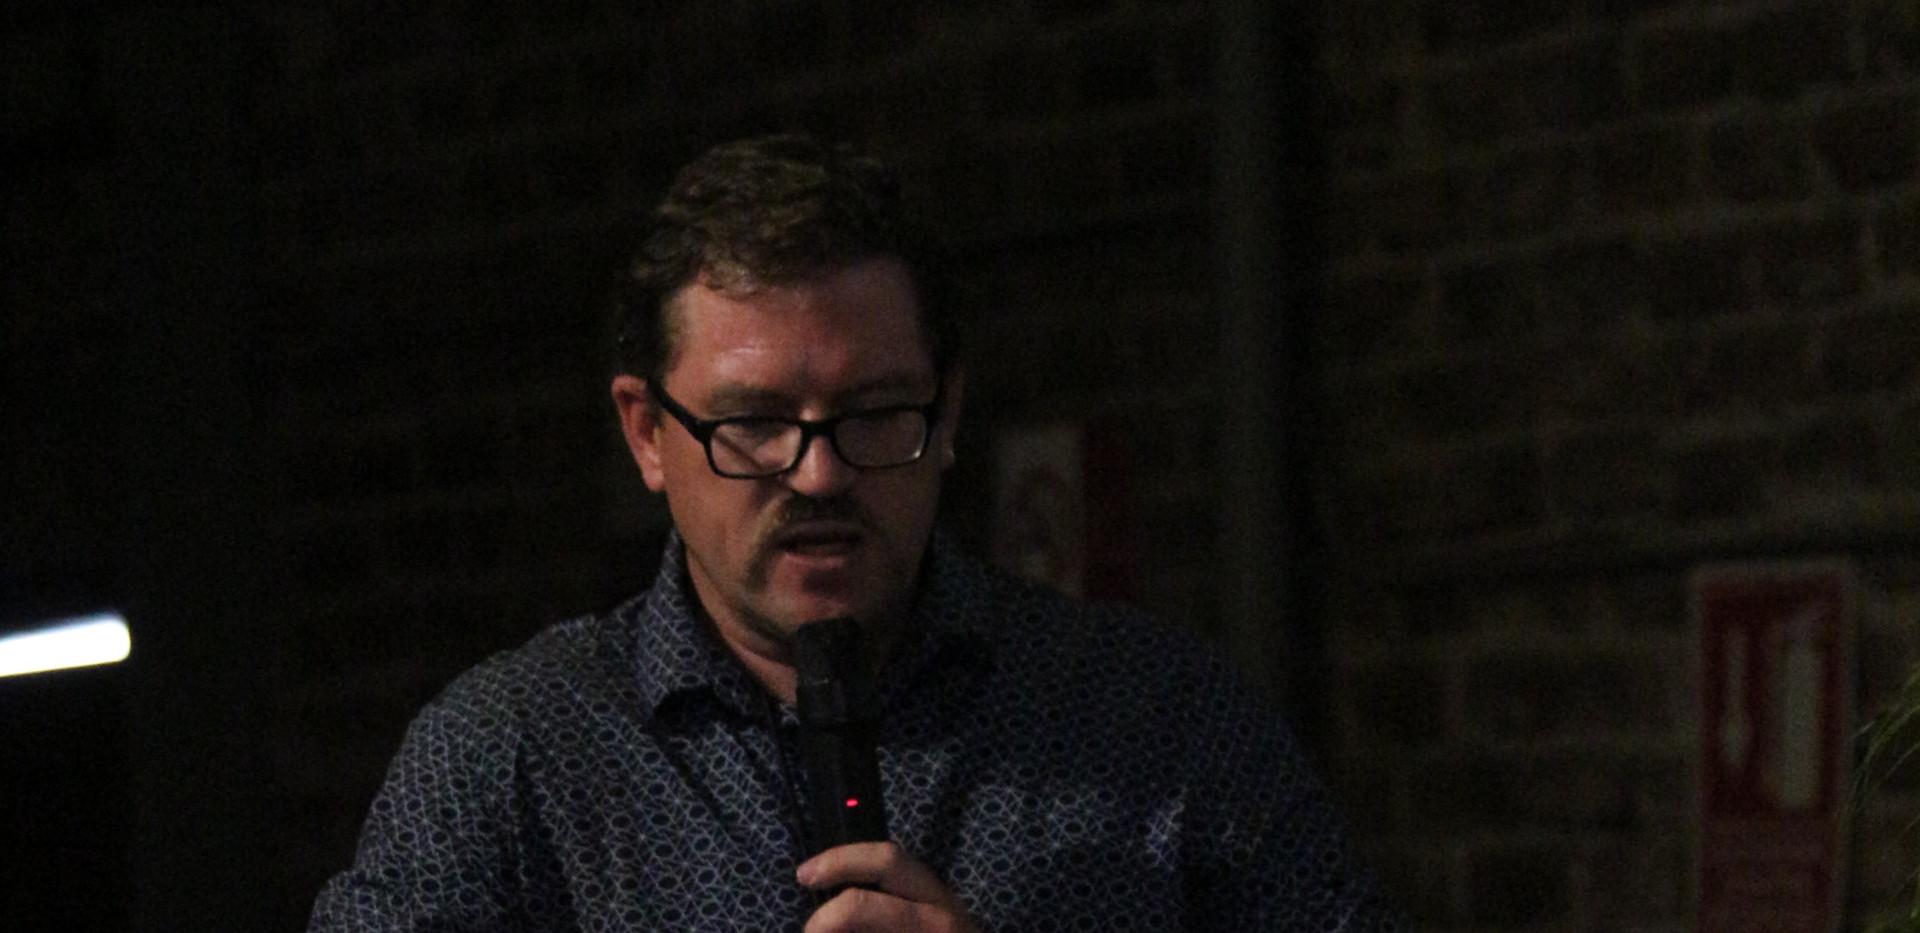 Dr. Matthew Des Lauriers